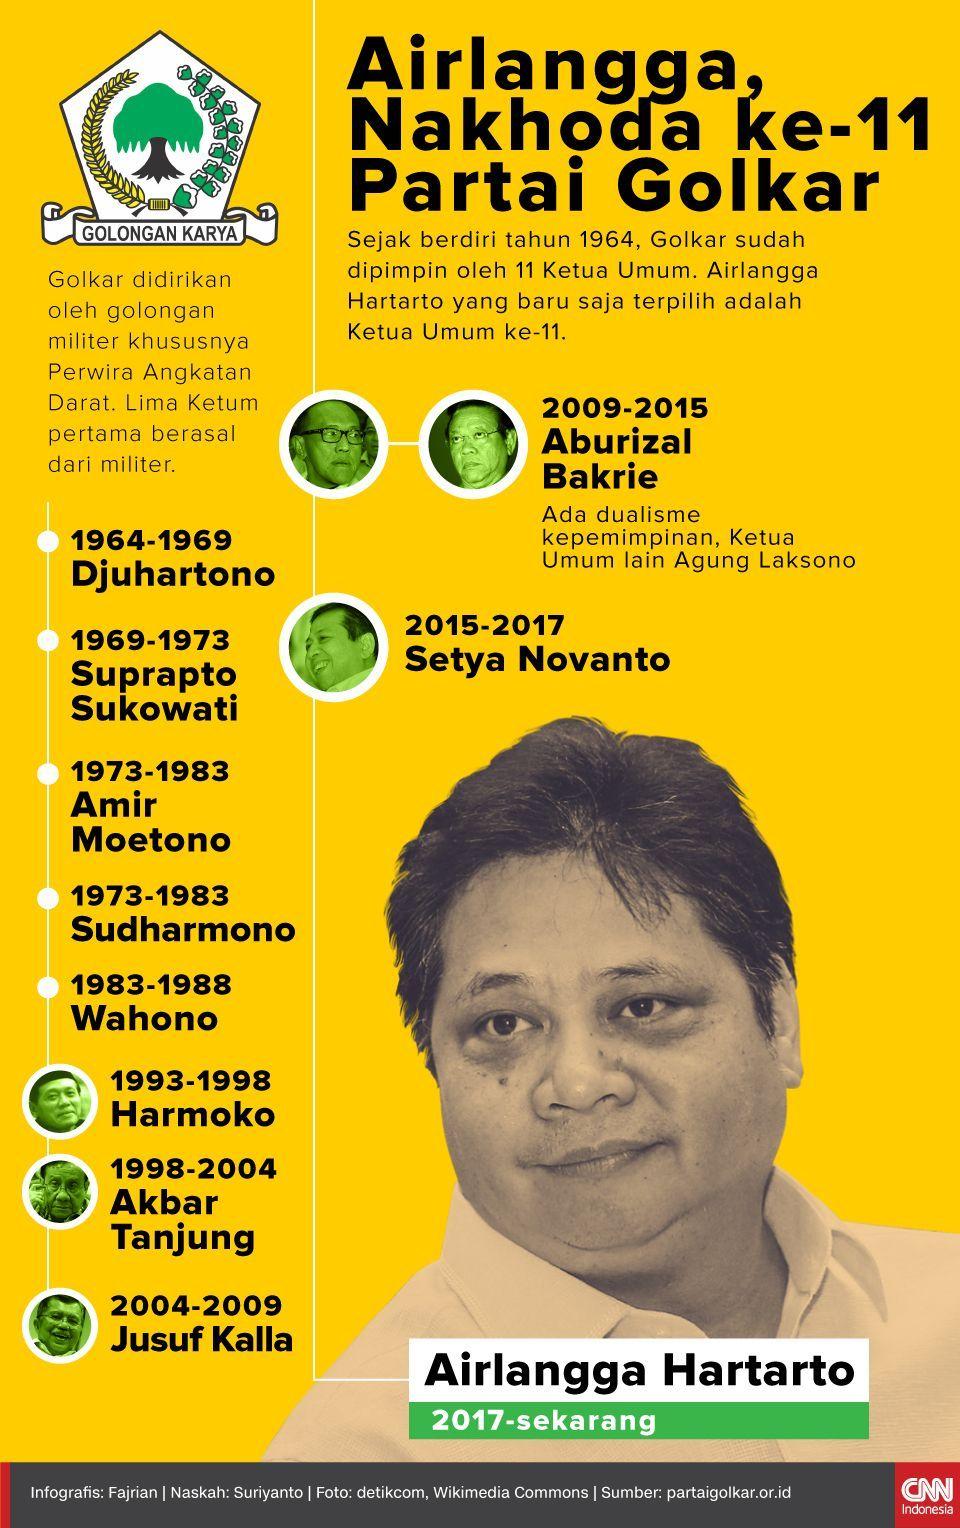 Infografis Airlangga, Nakhoda ke-11 Partai Golkar